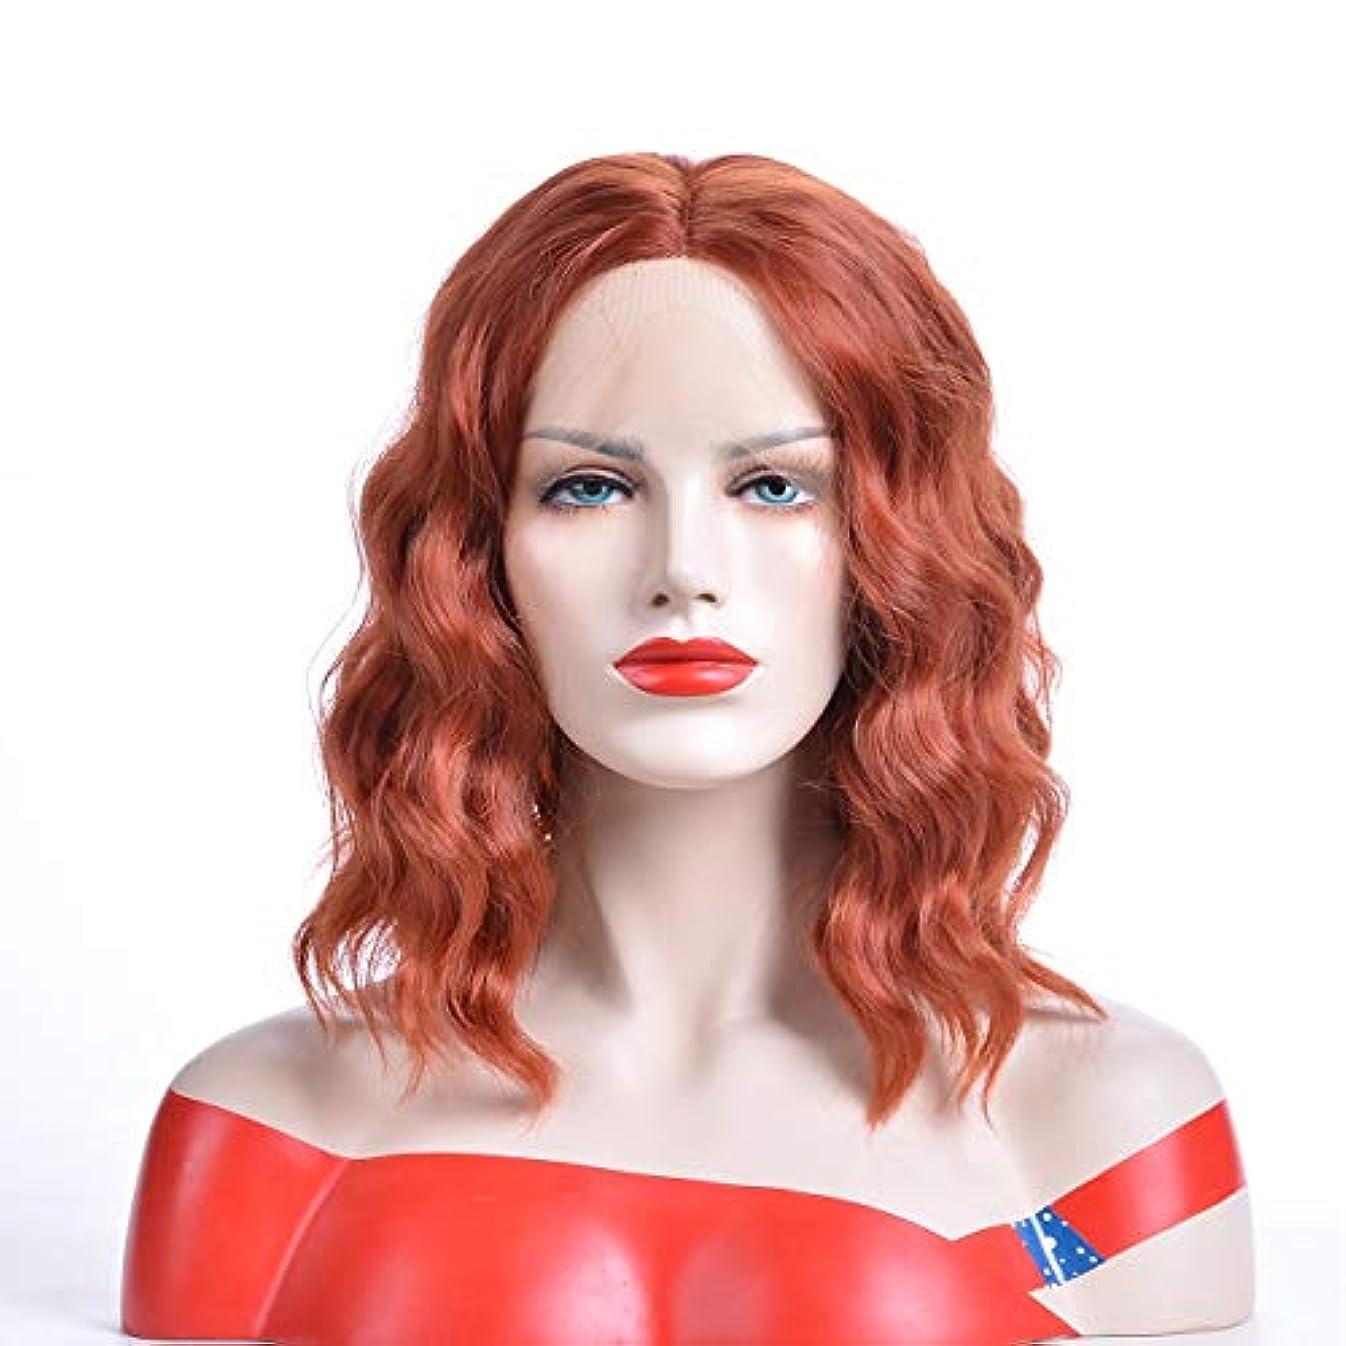 アクチュエータファランクス気怠いYOUQIU 21「」ショート波状カーリーブロンドレッド女性の女の子の魅力的な合成かつらコスプレハロウィンウィッグ耐熱ボブ?パーティーウィッグウィッグ (色 : Blonde Red, サイズ : 21